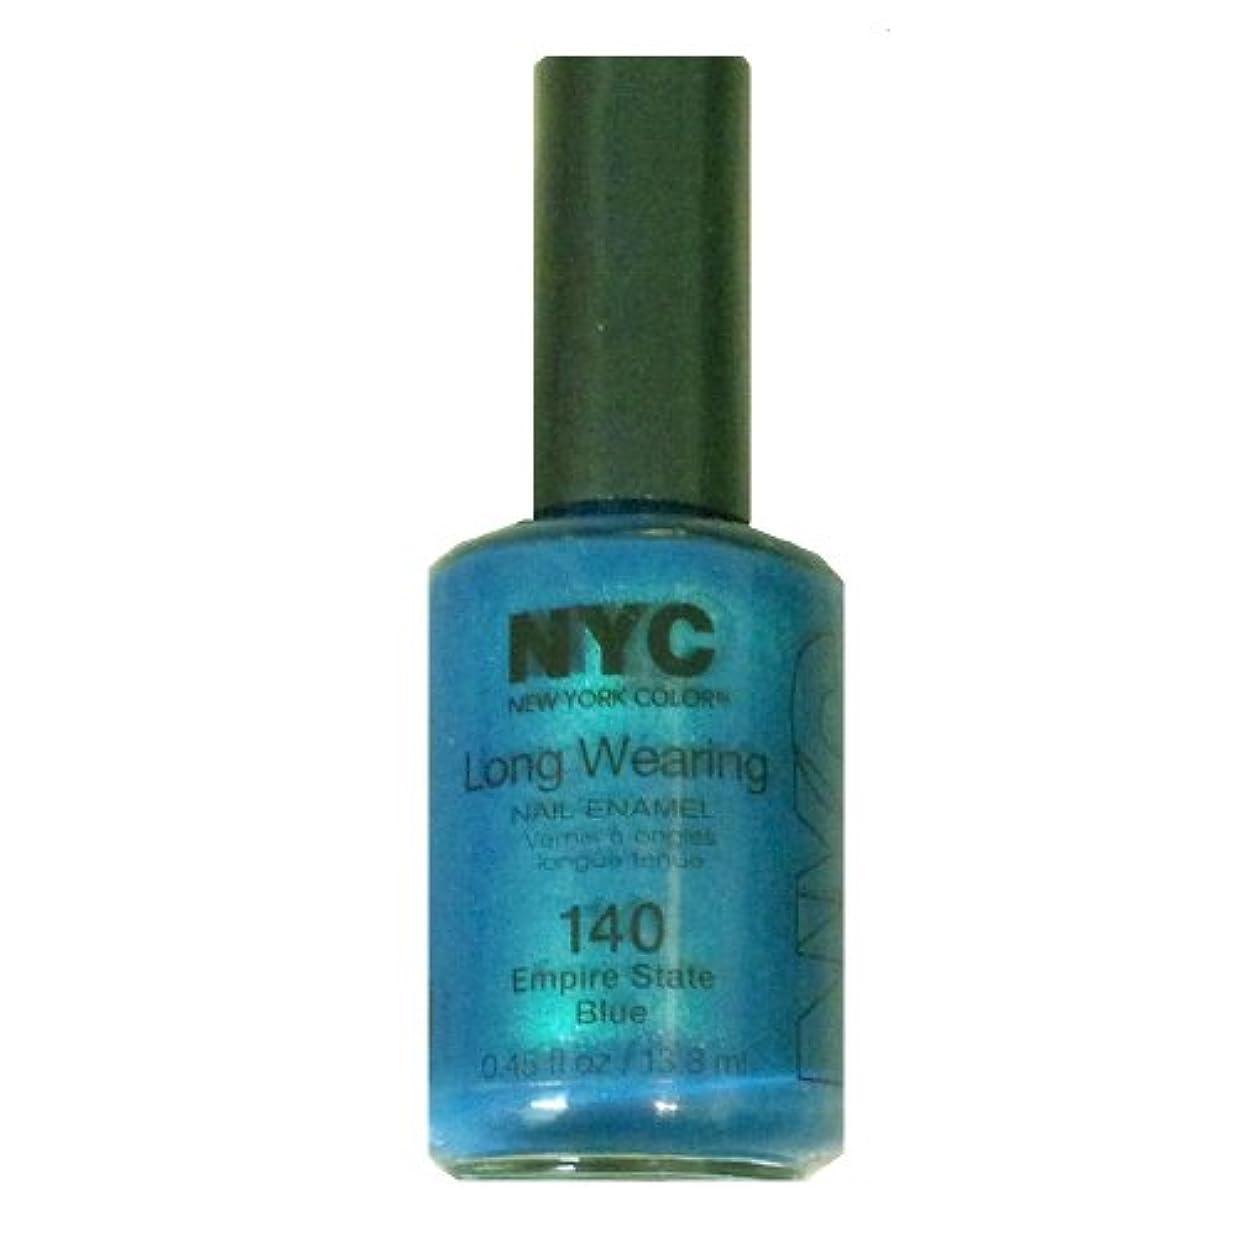 払い戻し通り抜ける自伝(3 Pack) NYC Long Wearing Nail Enamel - Empire State Blue (並行輸入品)